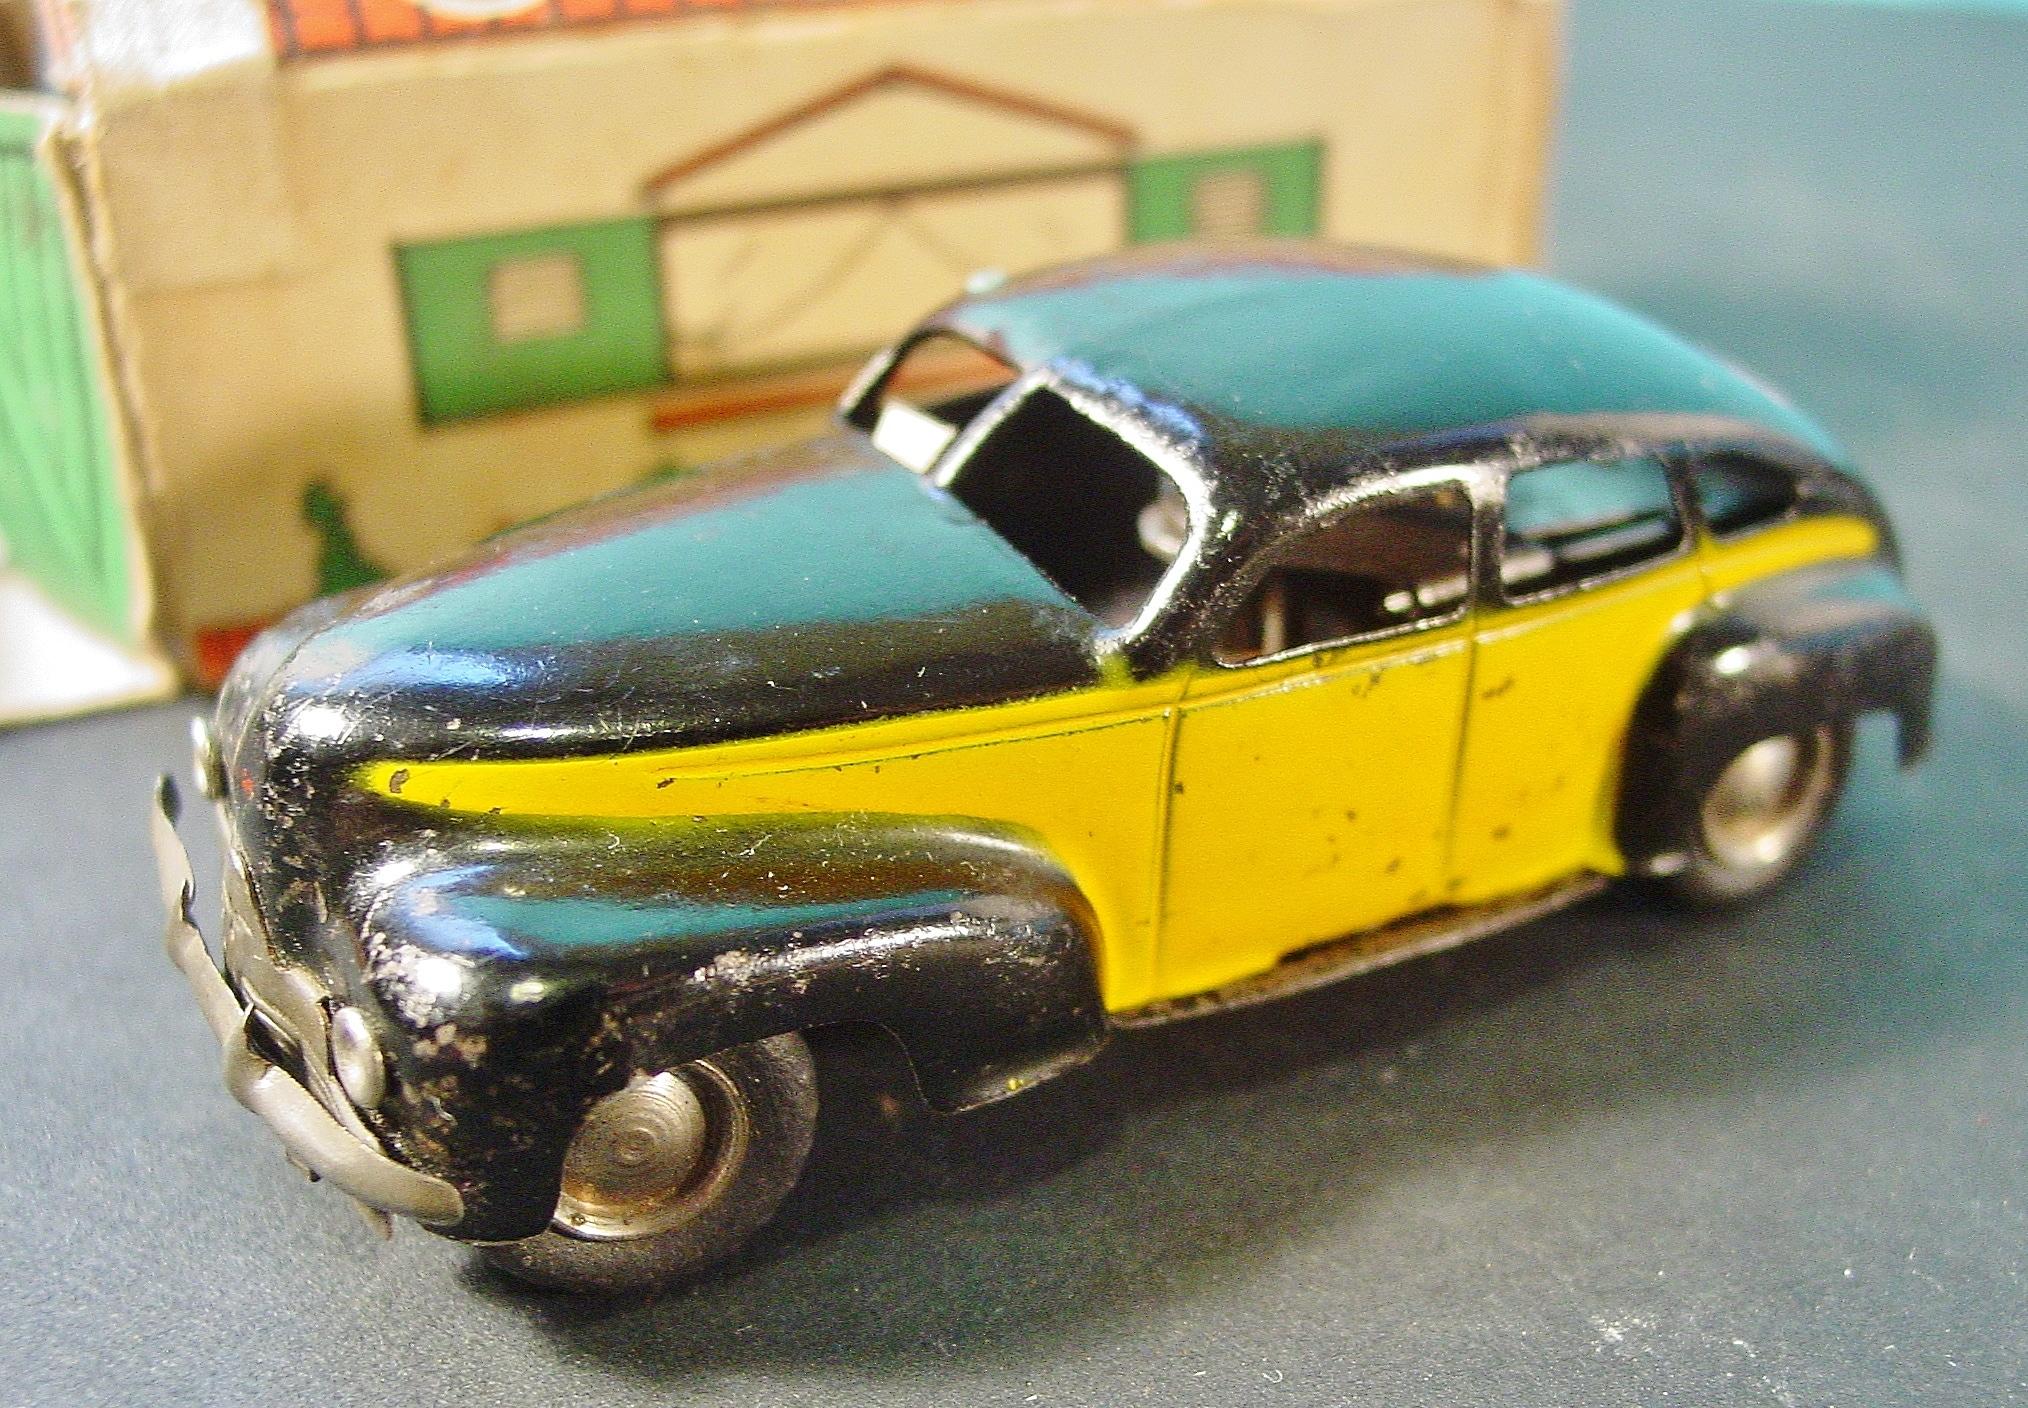 Taxi Aston Martin de Barcelona,1950. Jumsa